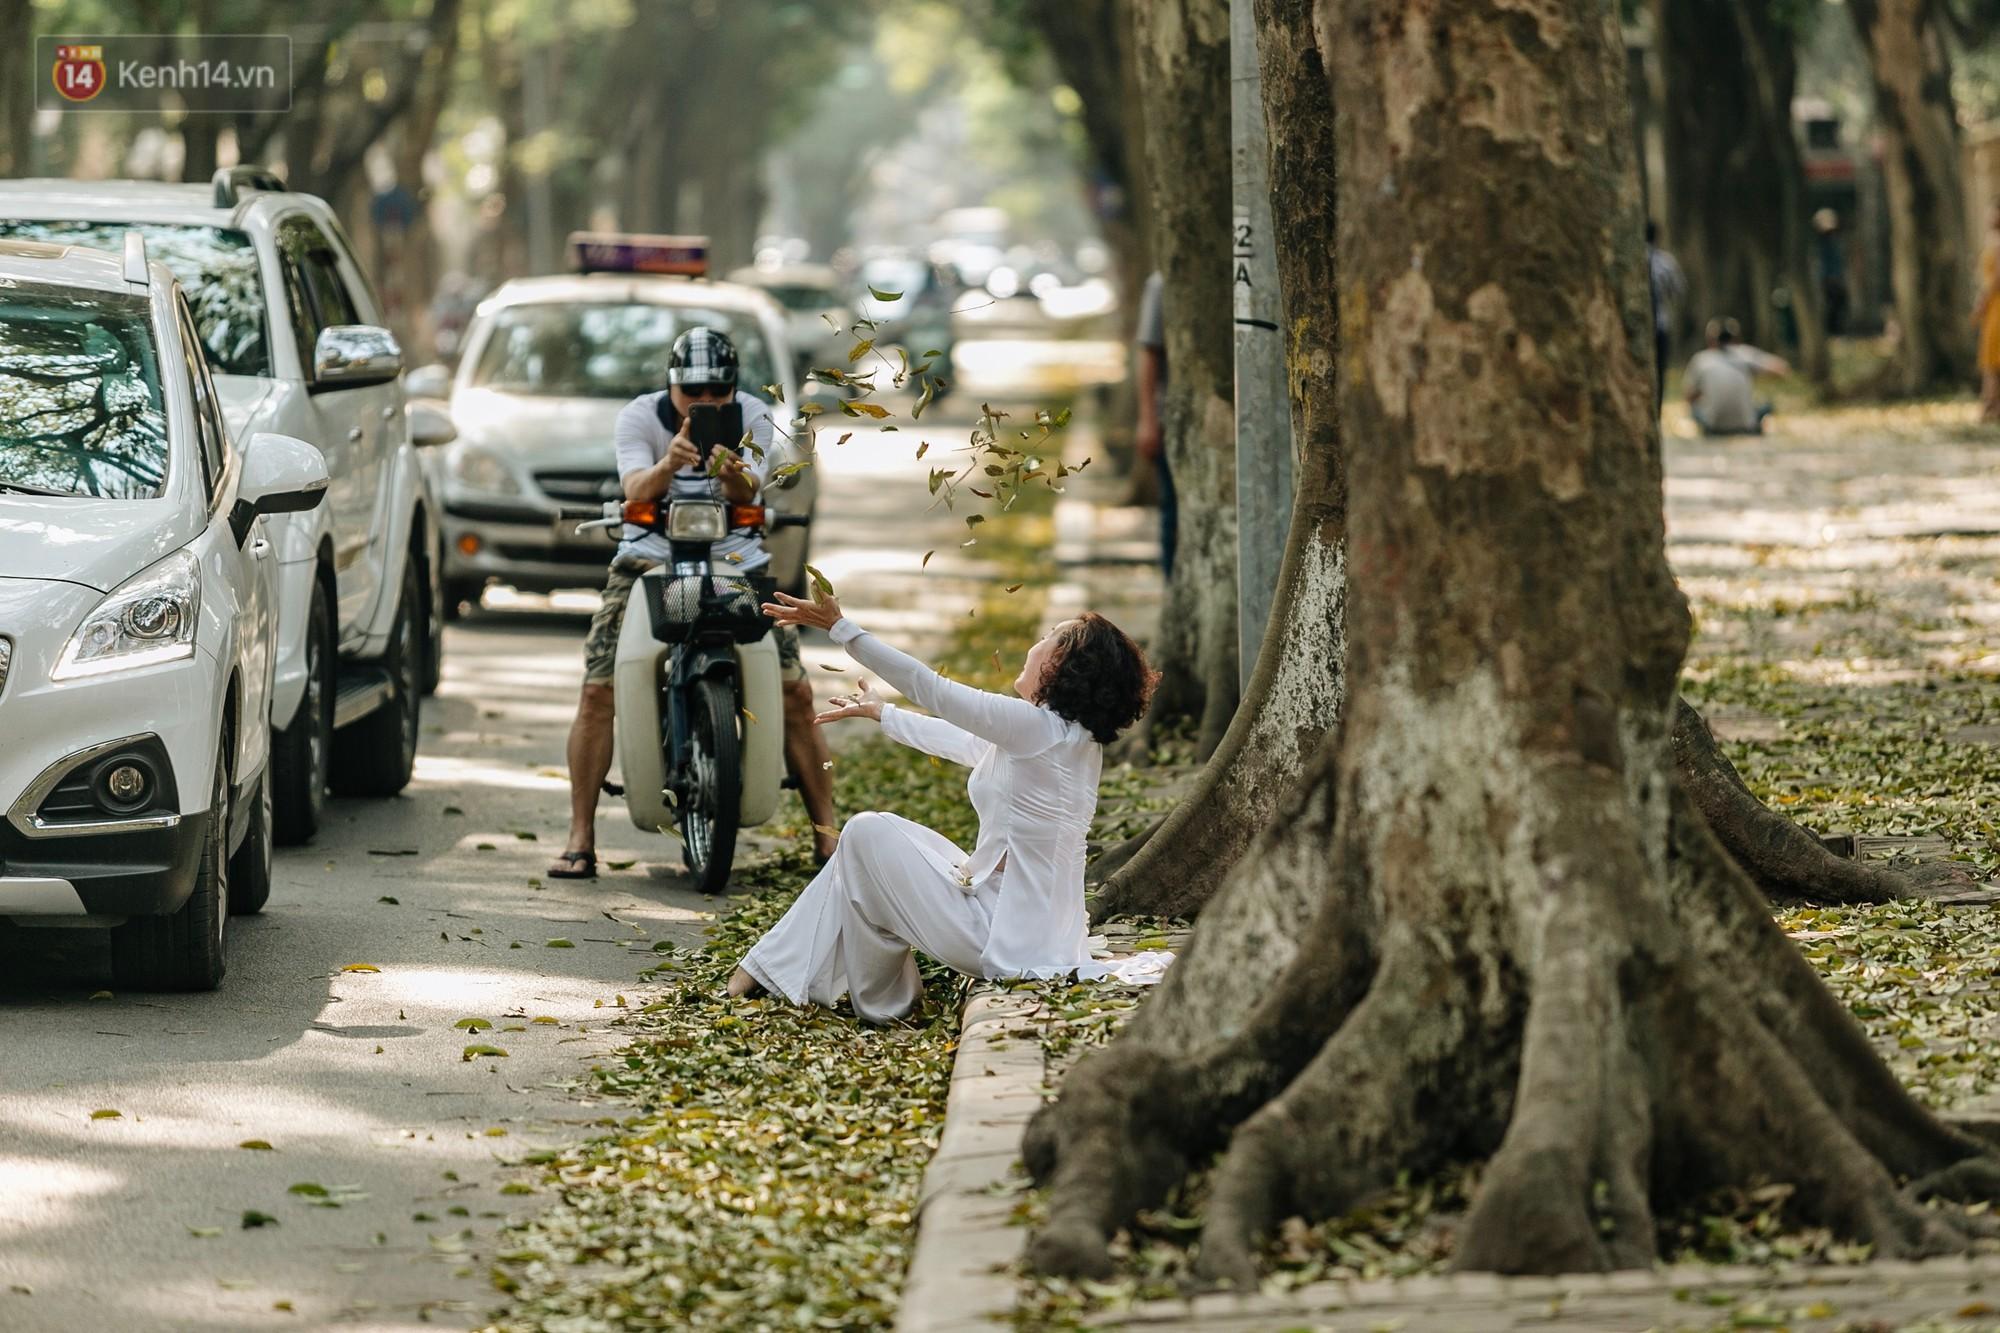 Mùa lá sấu tung bay, người dân kéo tới chụp ảnh ở con đường lãng mạn nhất Thủ đô dù nắng nóng 40 độ C - Ảnh 13.